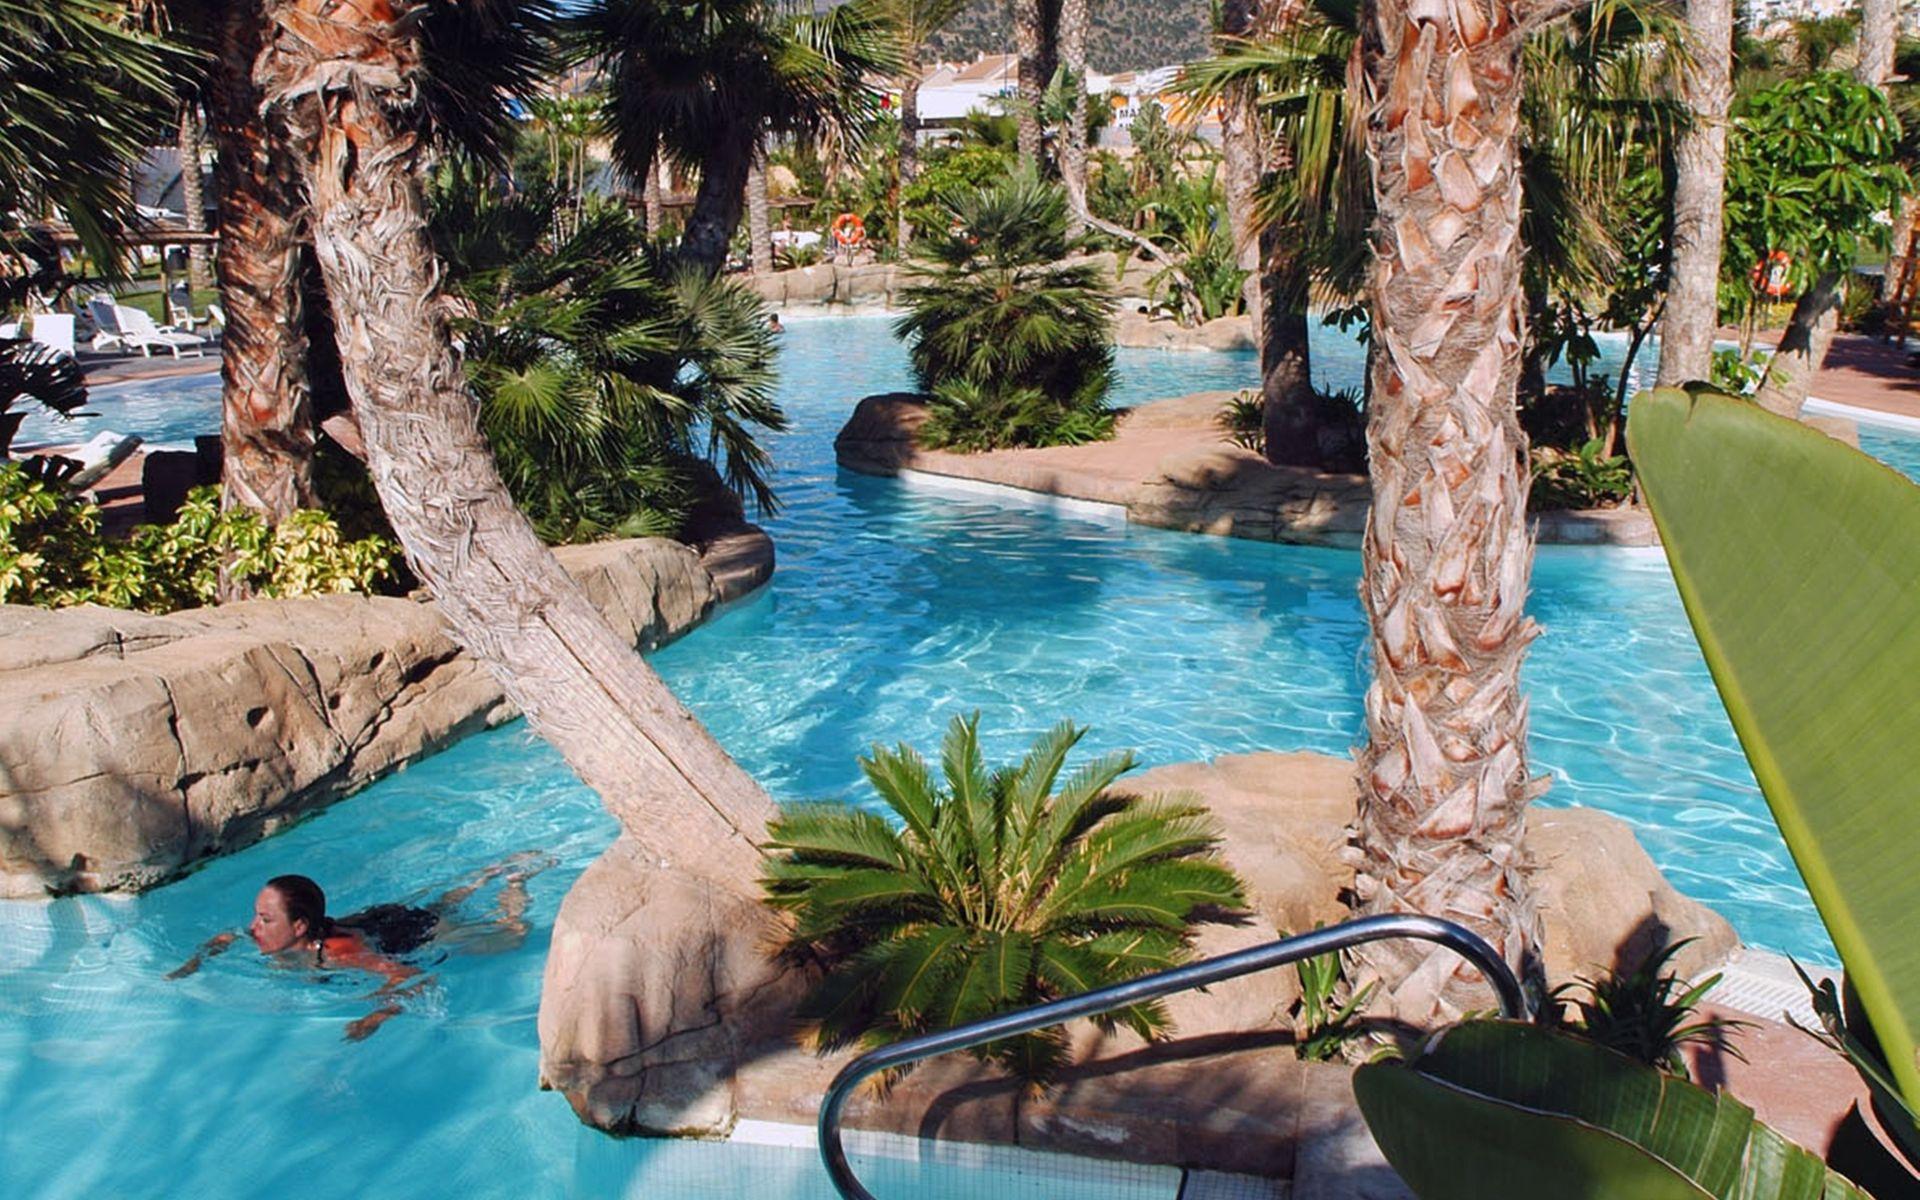 Hotel melia benidorm en benidorm costa blanca desde 64 for Piscina climatizada benidorm